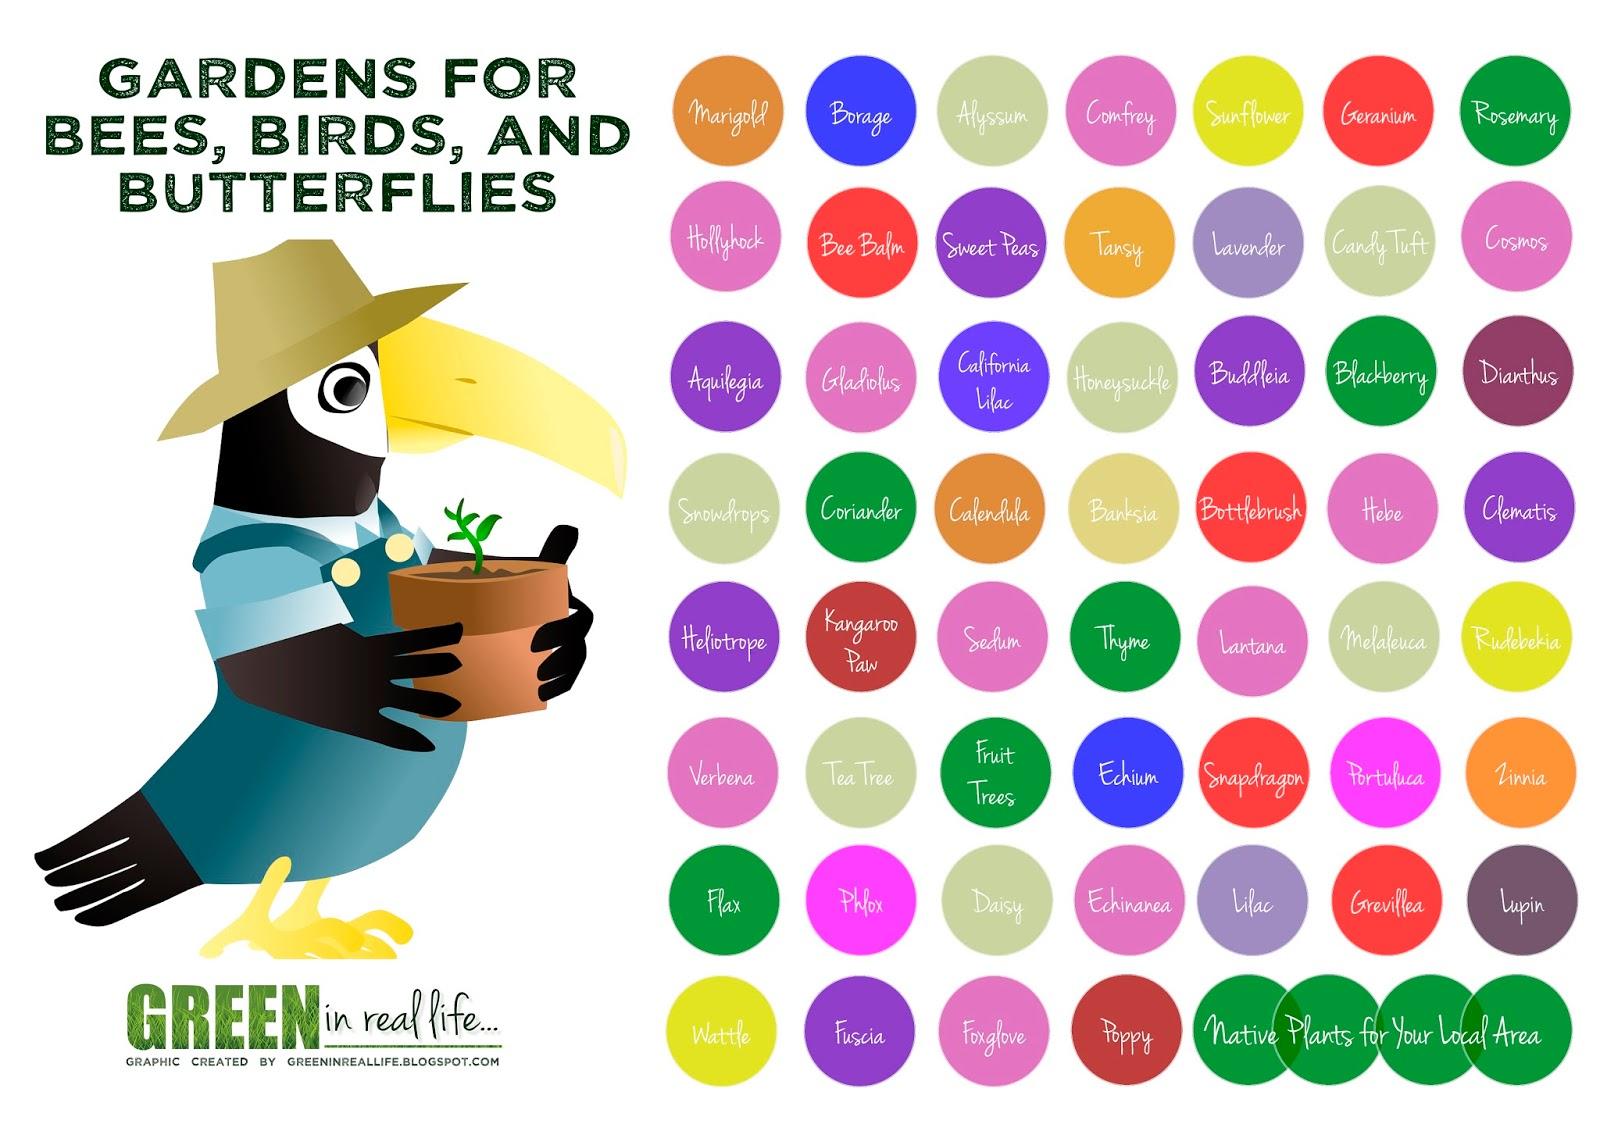 Verde en la vida real: Ideas para el jardín casero - abejas, pájaros, y mariposas